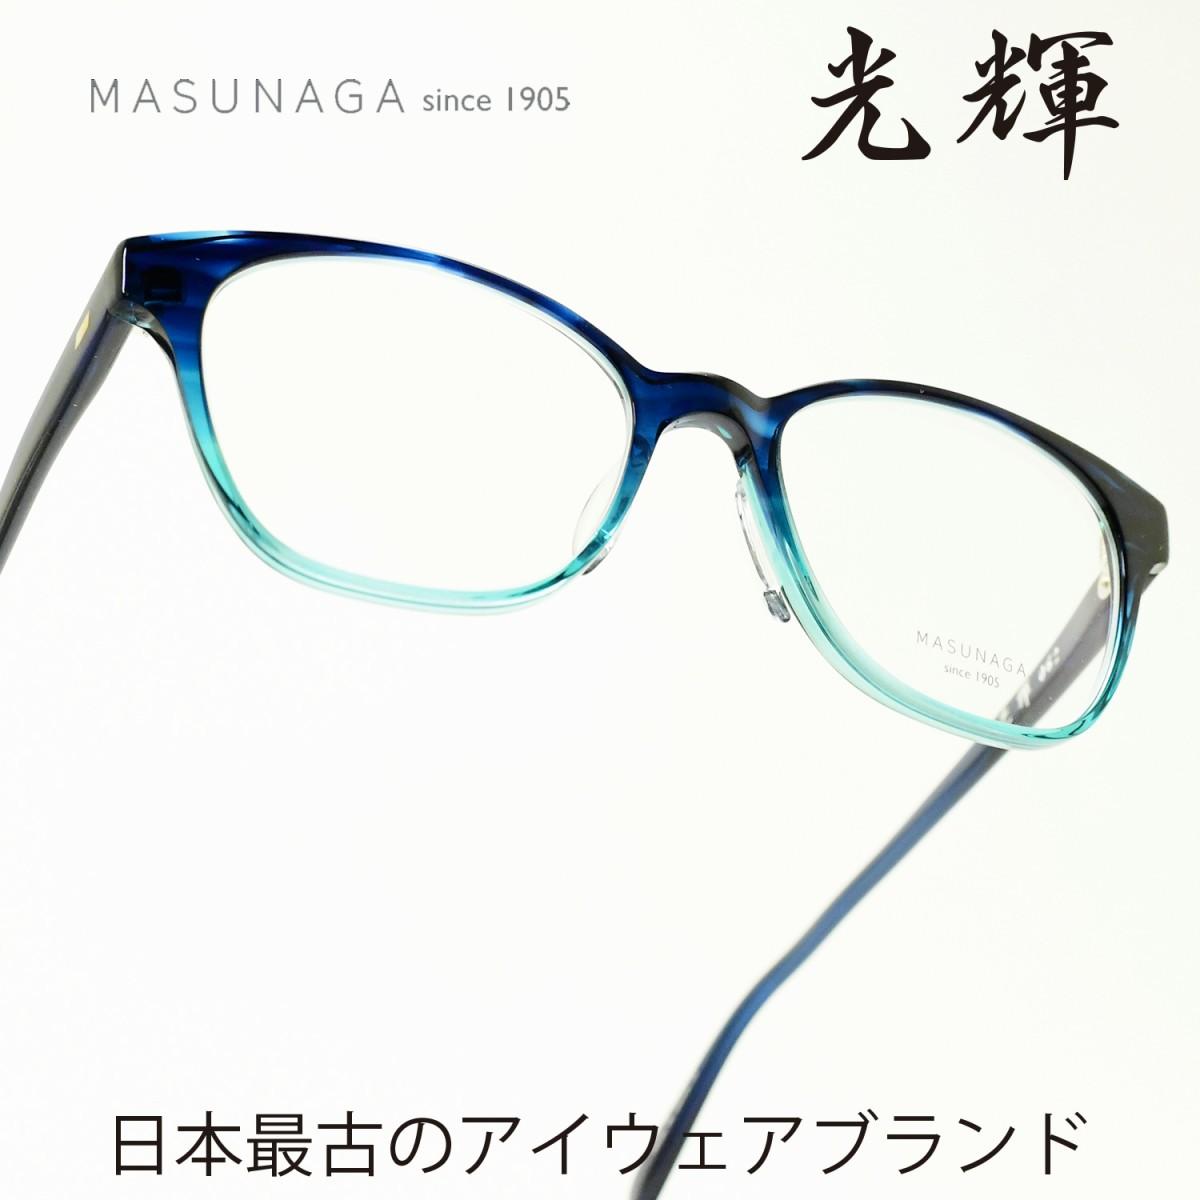 増永眼鏡 MASUNAGA光輝 062 col-35 D BLUEメガネ 眼鏡 めがね メンズ レディース おしゃれブランド 人気 おすすめ フレーム 流行り 度付き レンズ